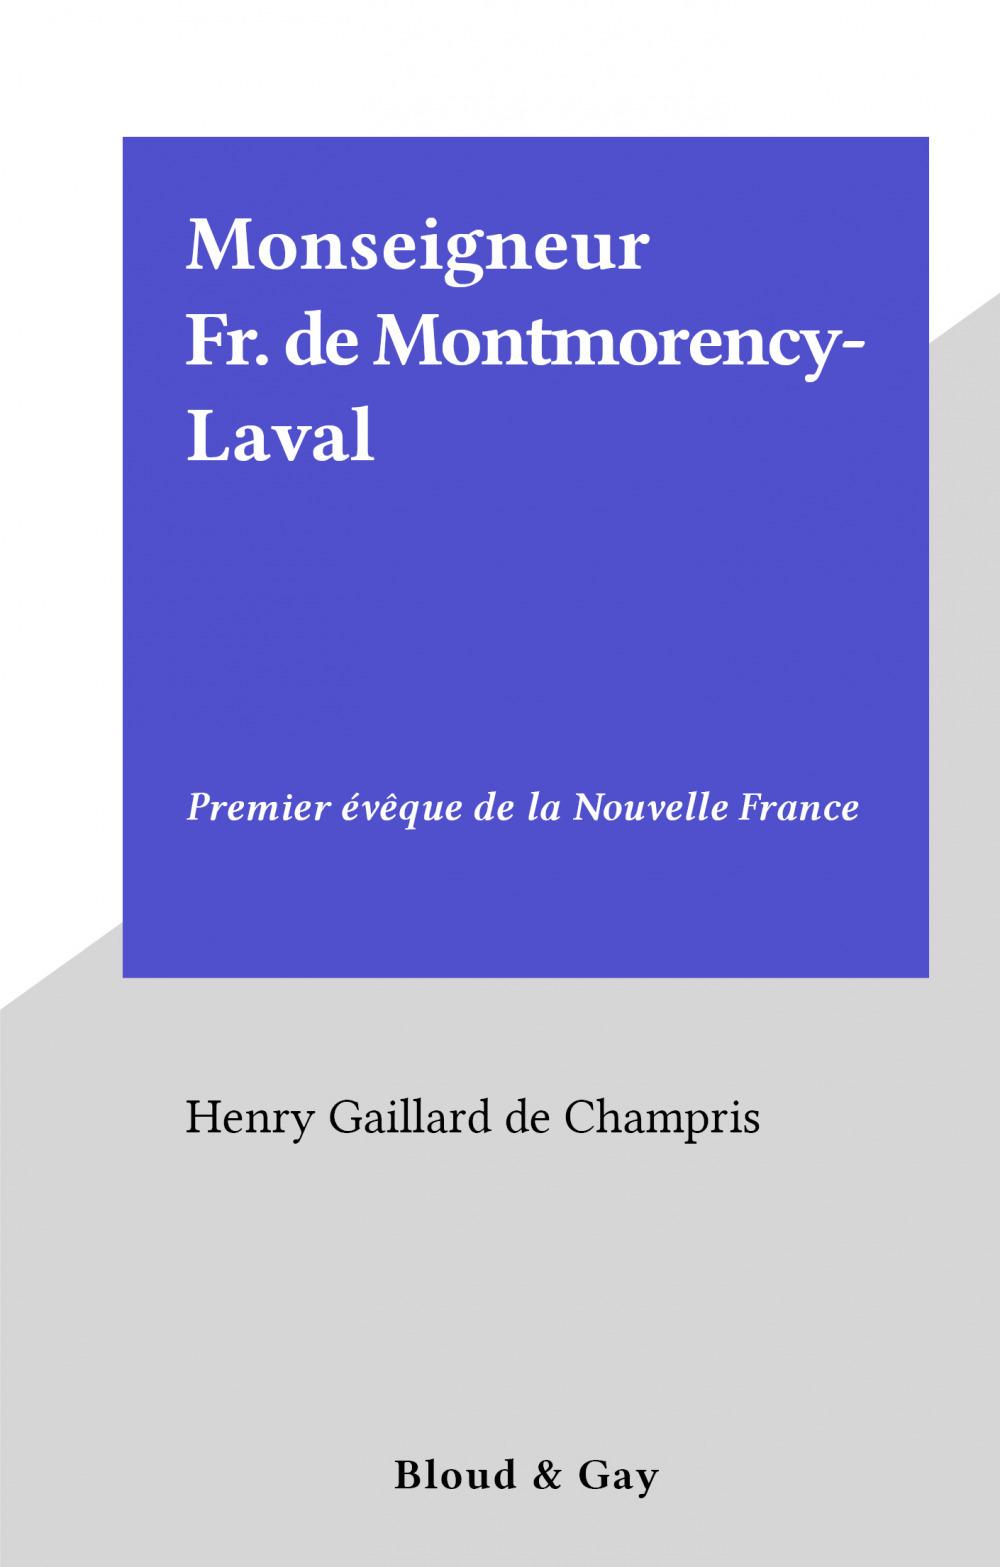 Monseigneur Fr. de Montmorency-Laval